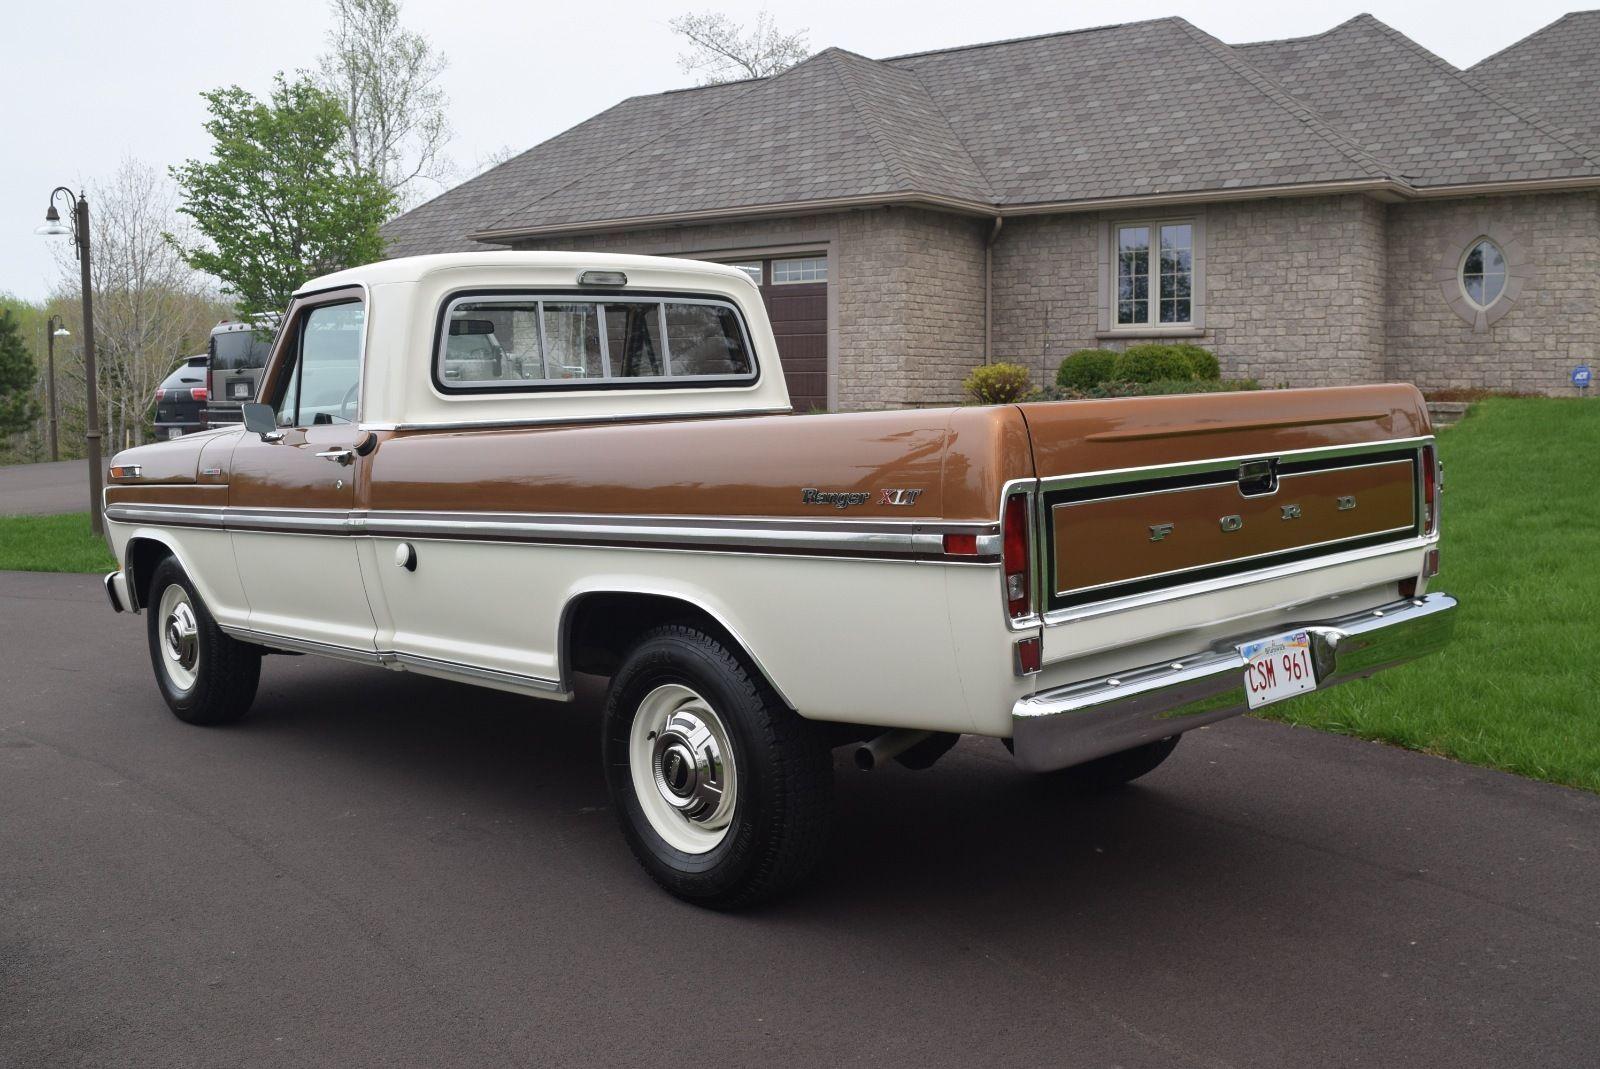 1972 ford ranger xlt f250 camper special ford ford trucks trucks ford ranger. Black Bedroom Furniture Sets. Home Design Ideas